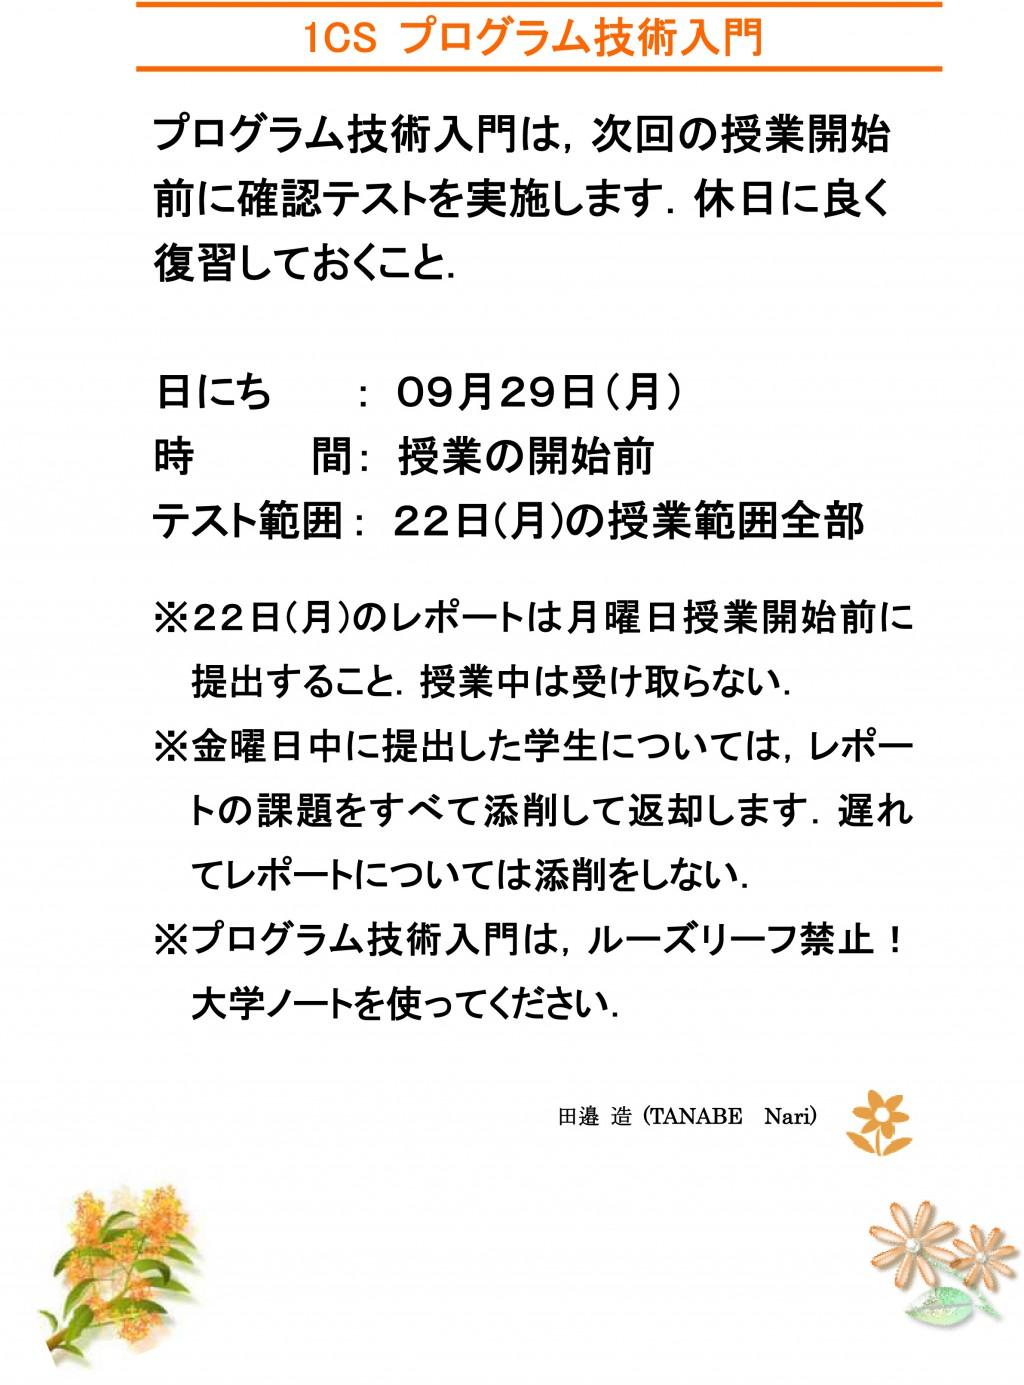 CS1プログラム技術入門_20140929